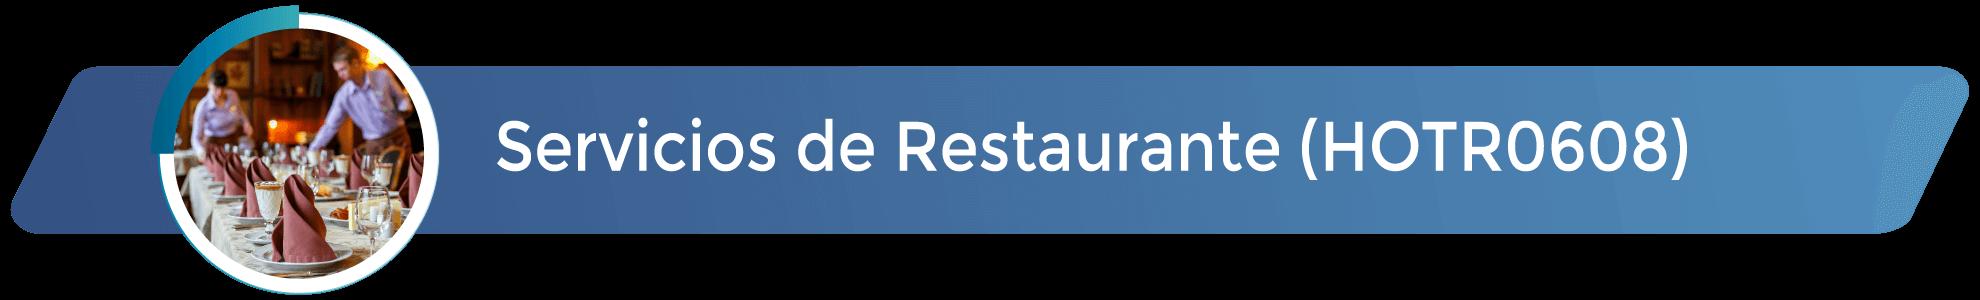 HOTR0608 - Servicios de Restaurante